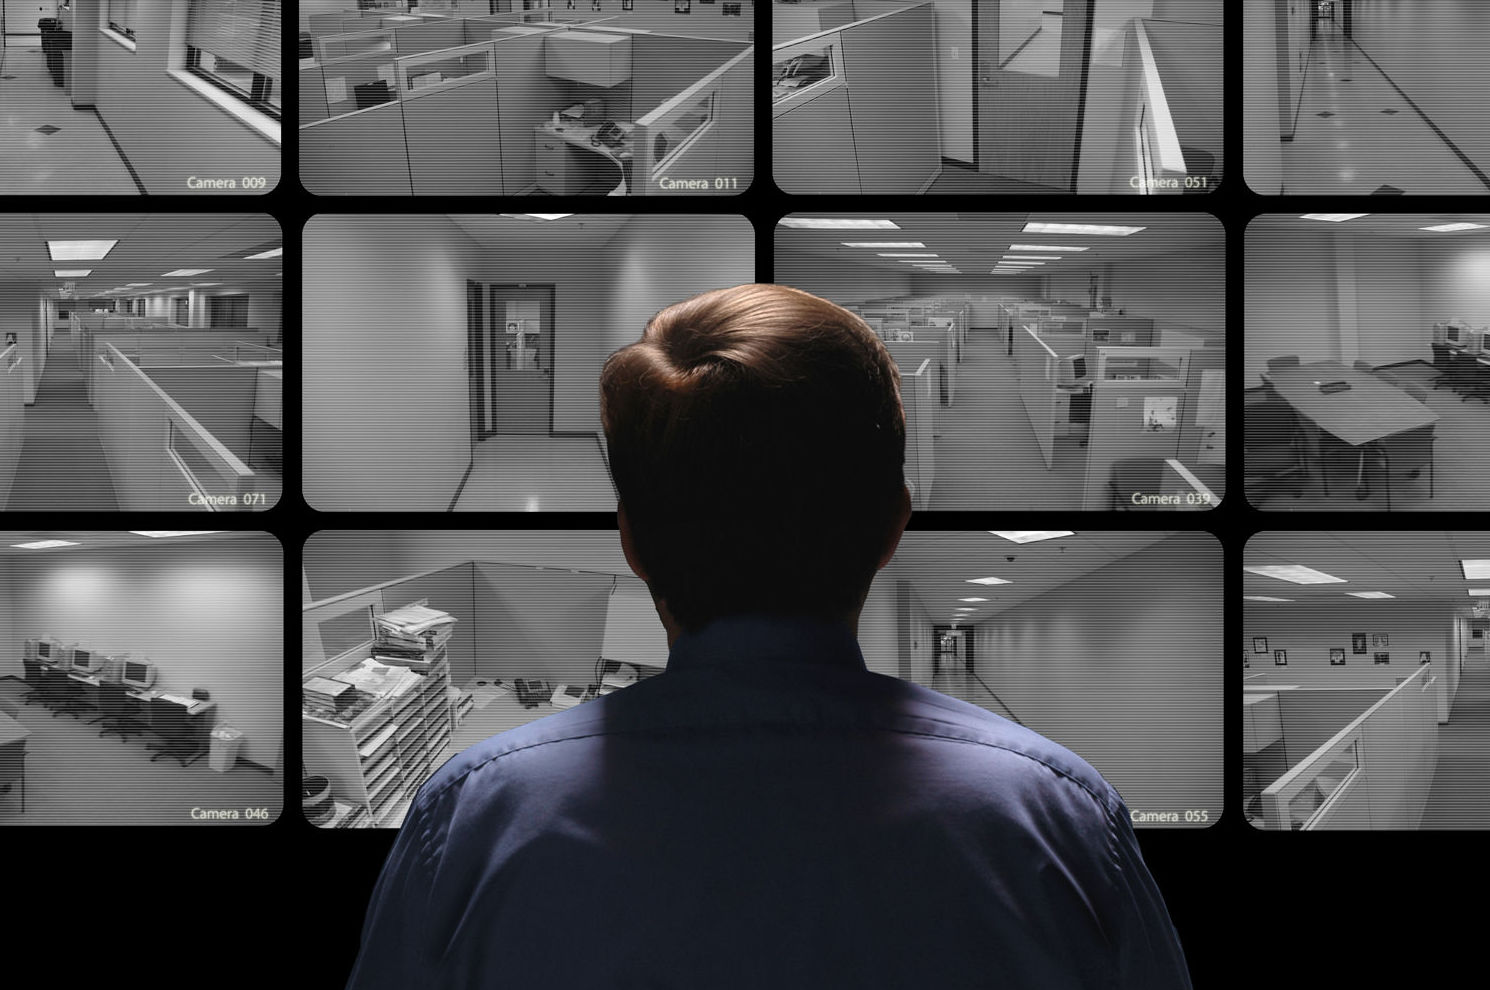 Circuitos de vigilancia